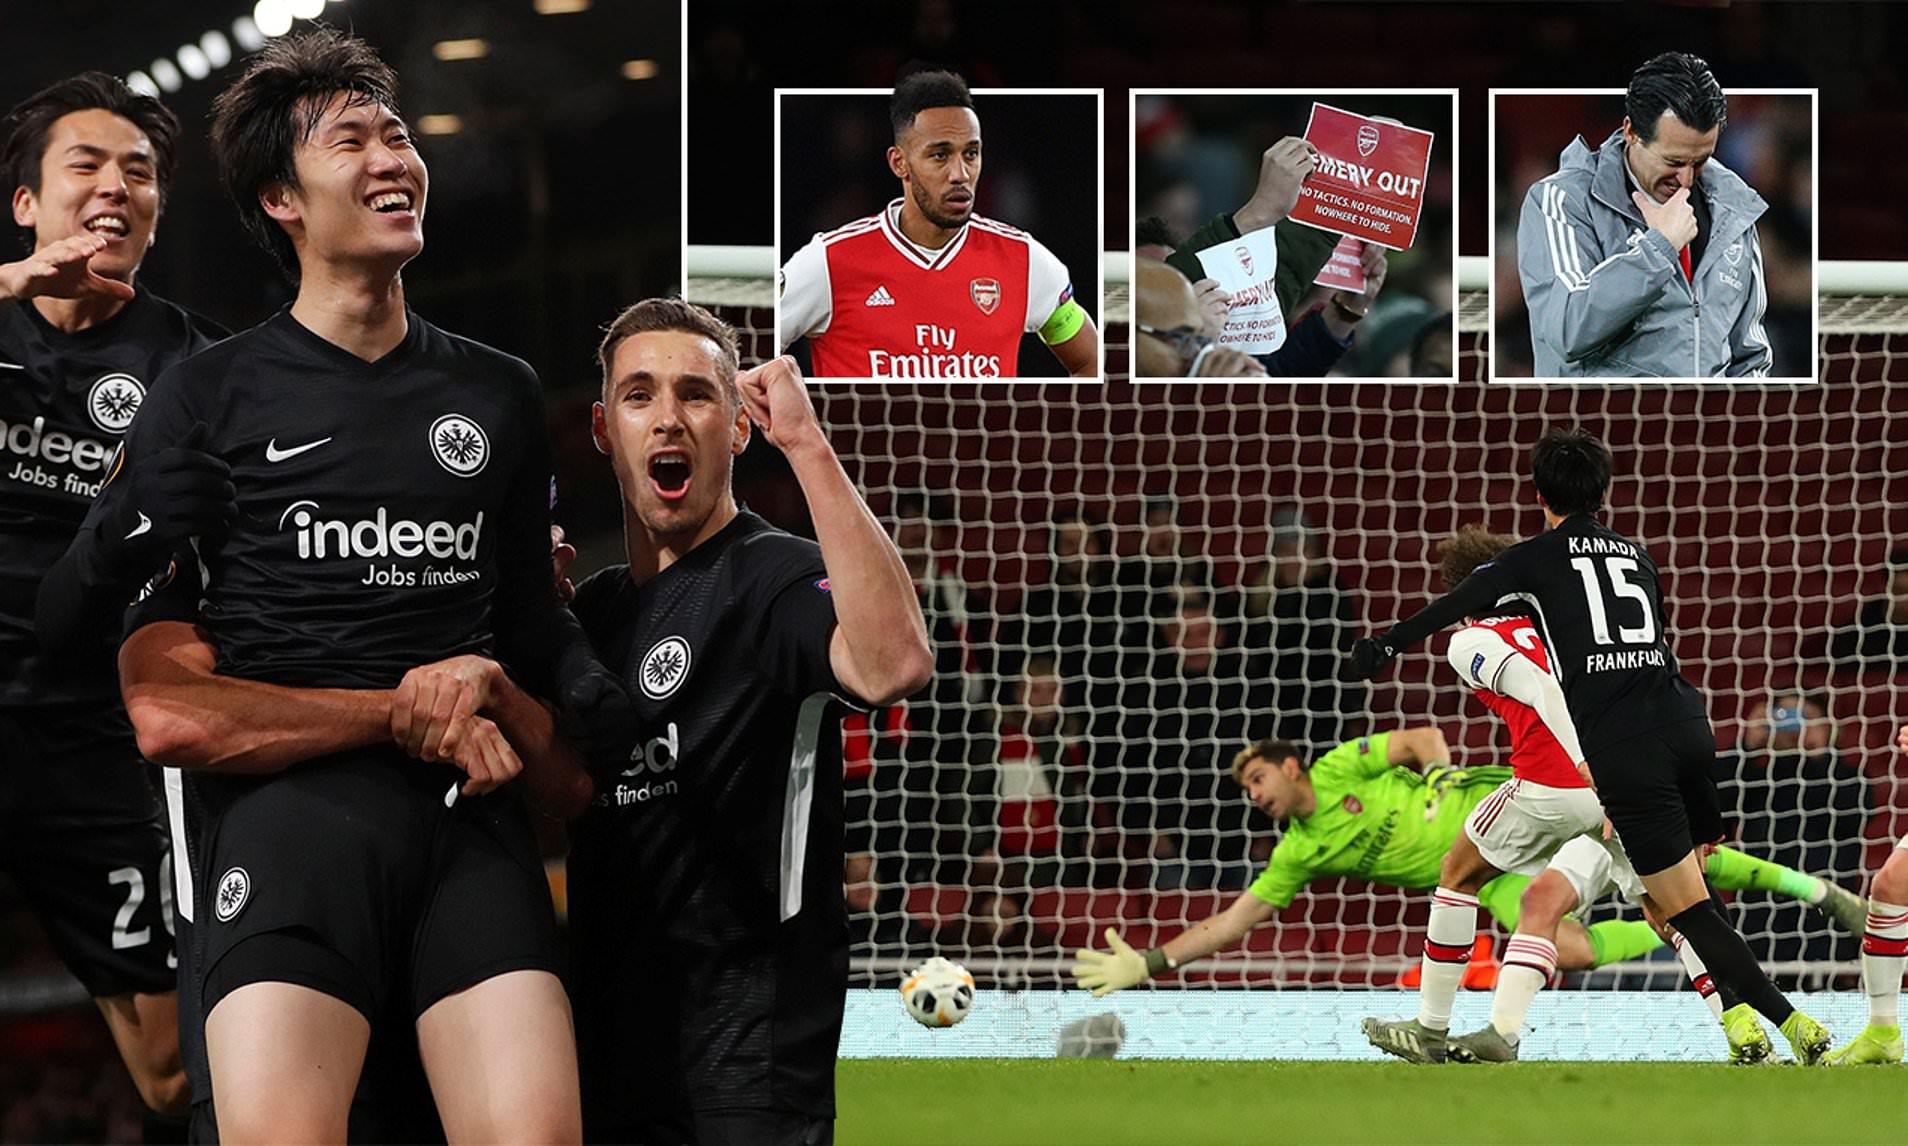 Talento dell'Anno Europa League 2019-20 Premio Star Tuscany Rent – Kamada e i suoi fratelli